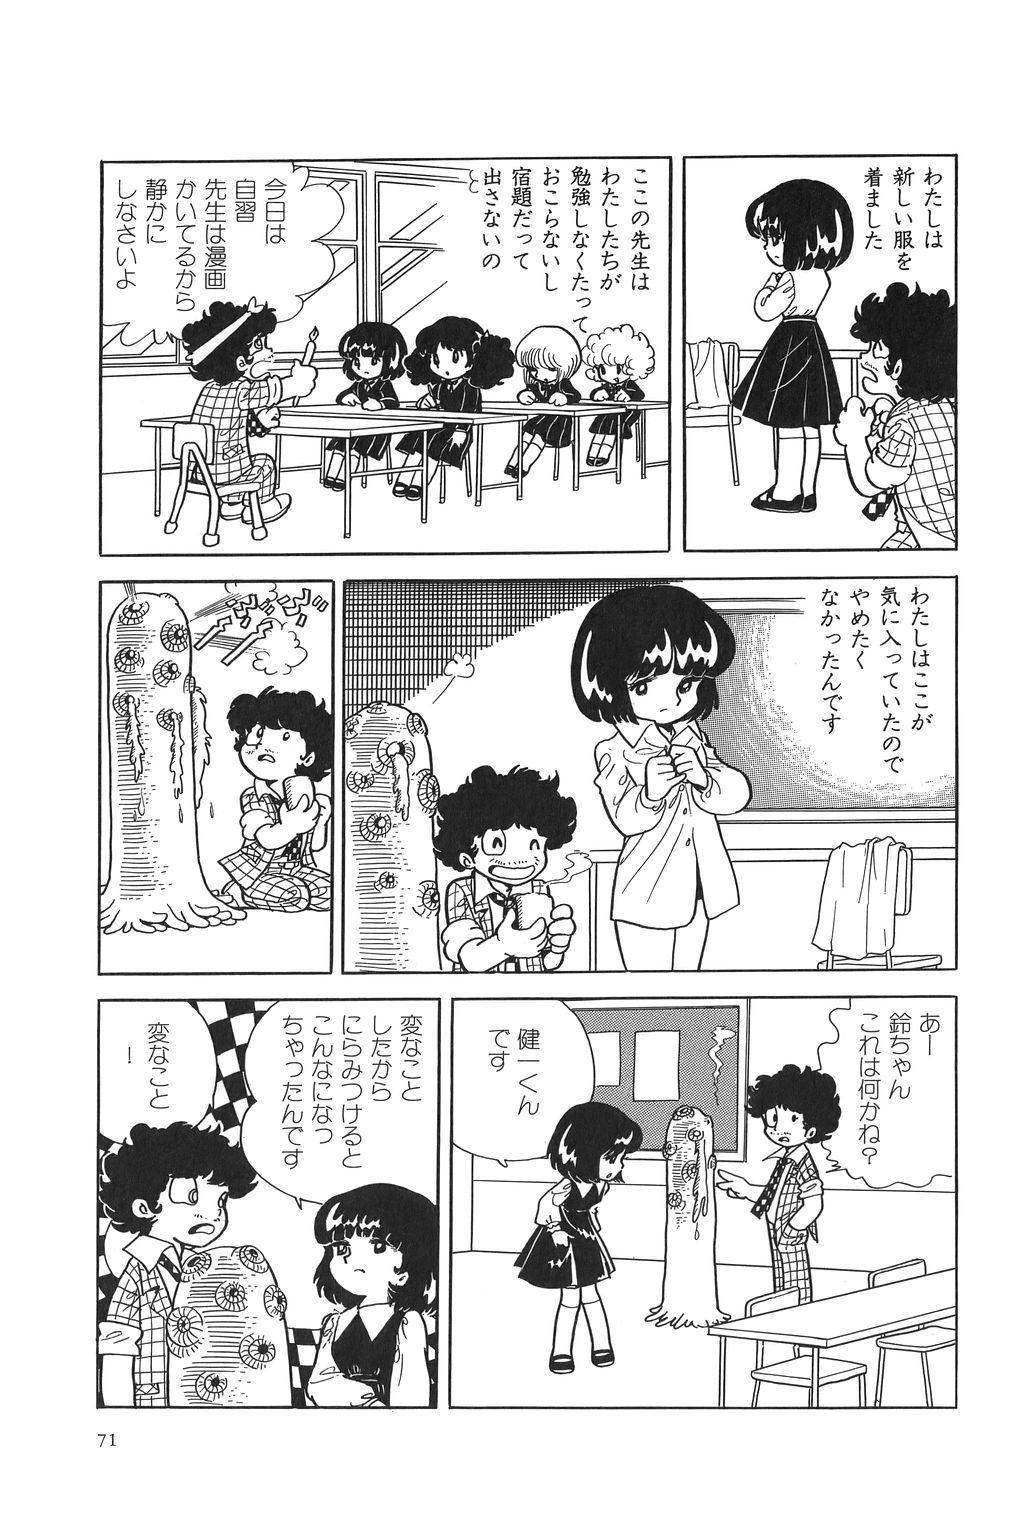 Azuma Hideo Sakuhin Shuusei - Yoru no Tobari no Naka de 75